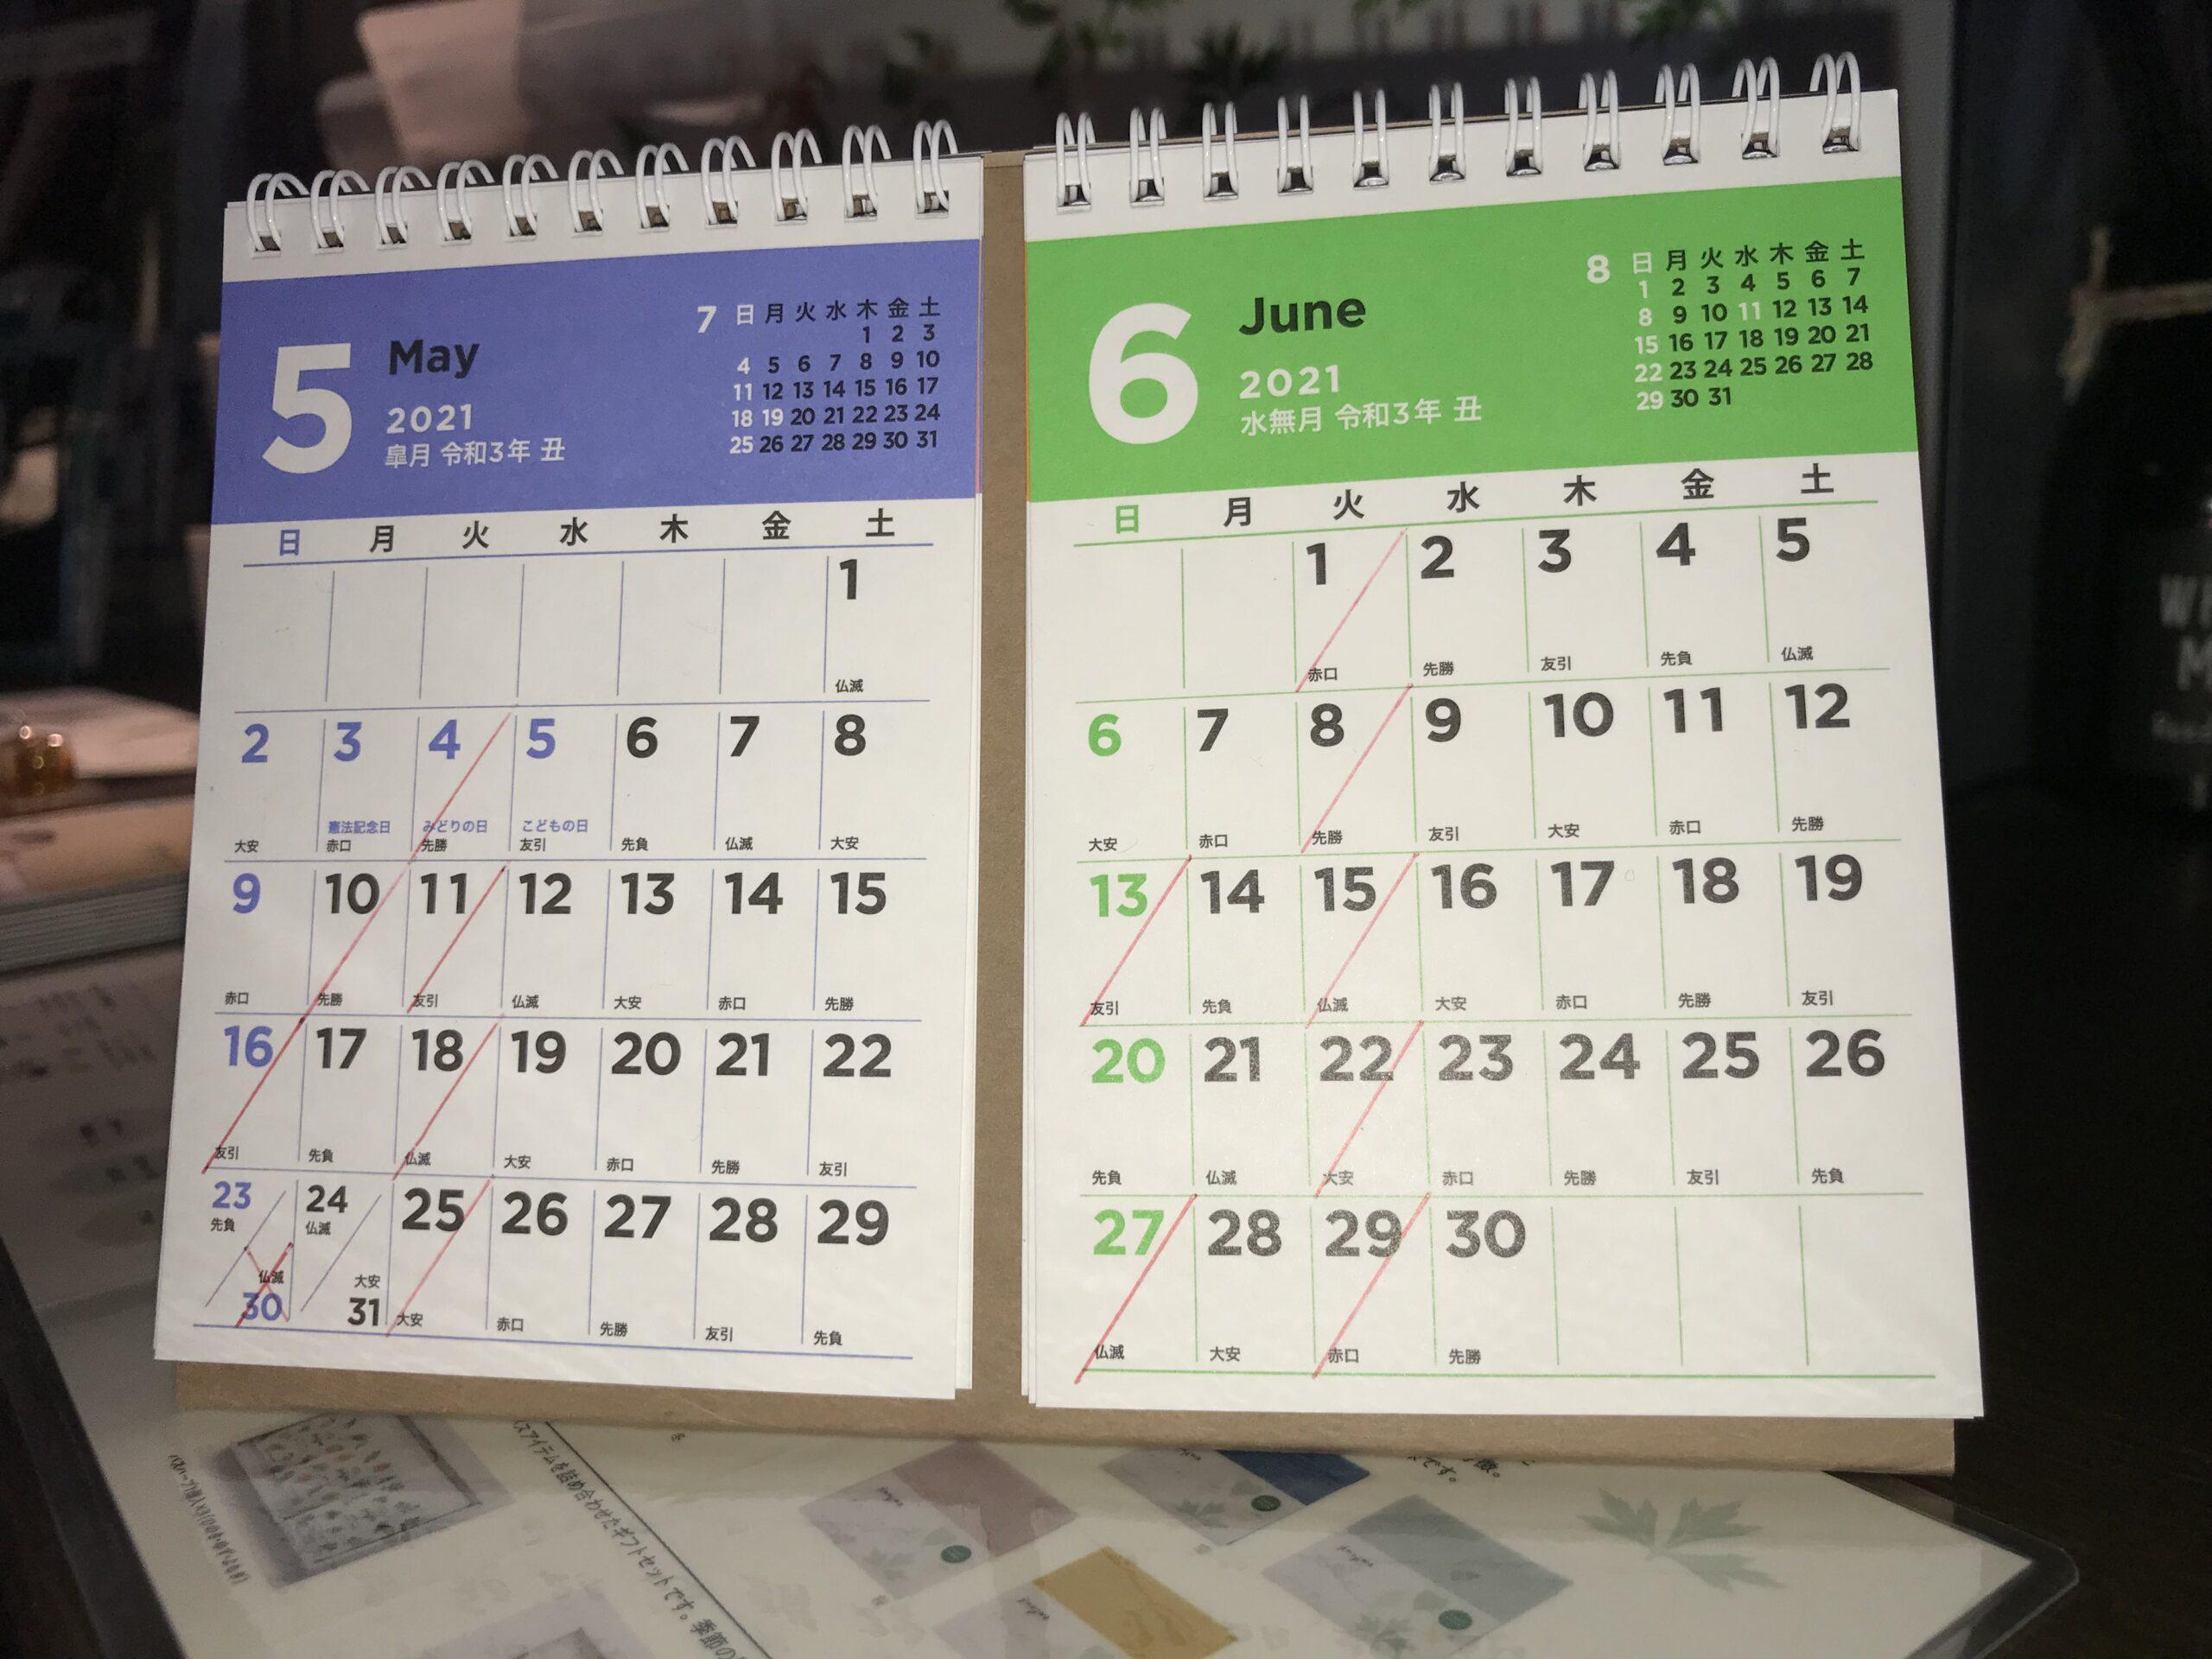 6月定休日 奈良市整体西大寺カイロ